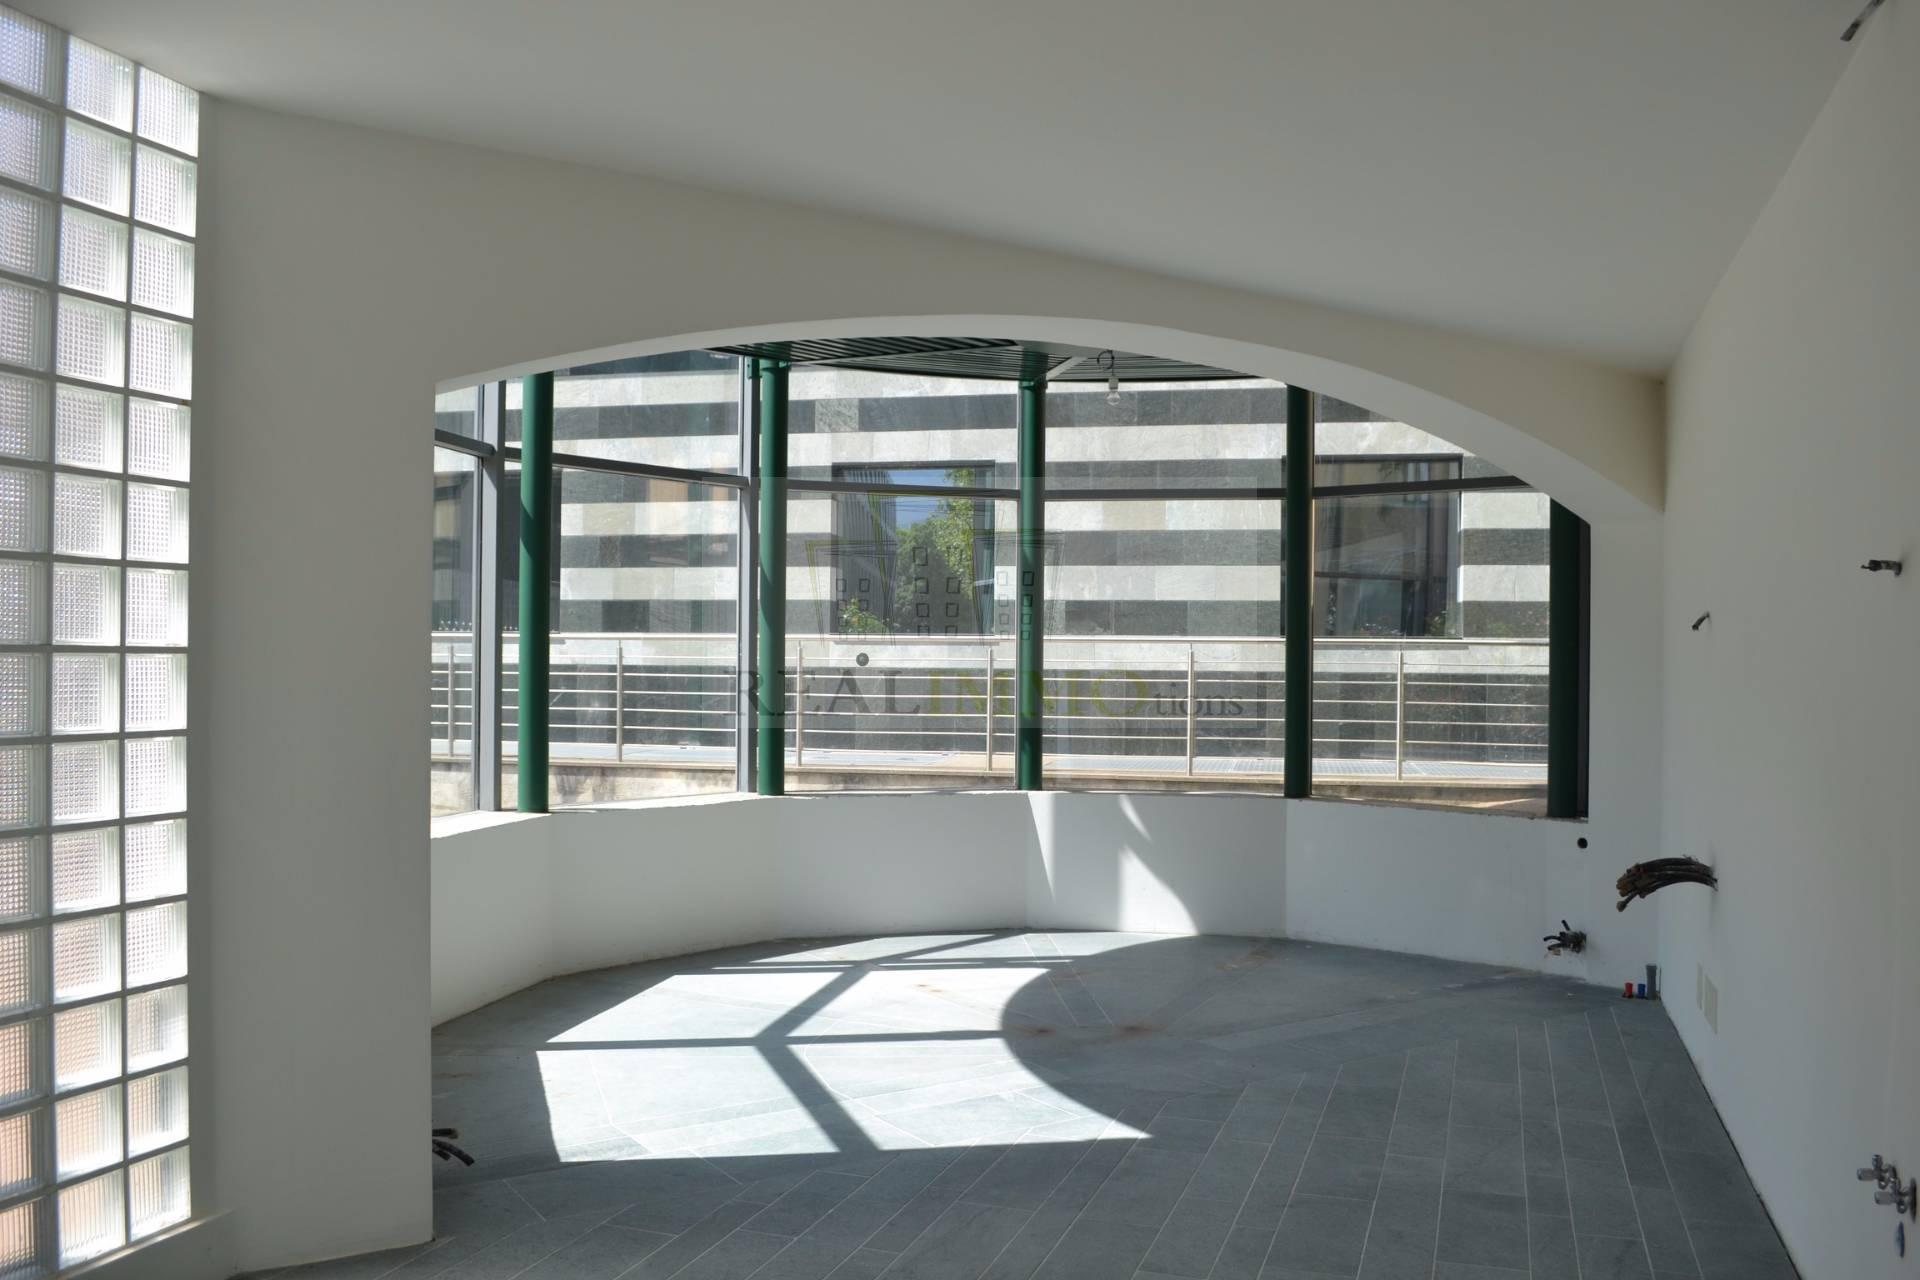 Negozio / Locale in vendita a Bressanone, 9999 locali, prezzo € 600.000 | CambioCasa.it